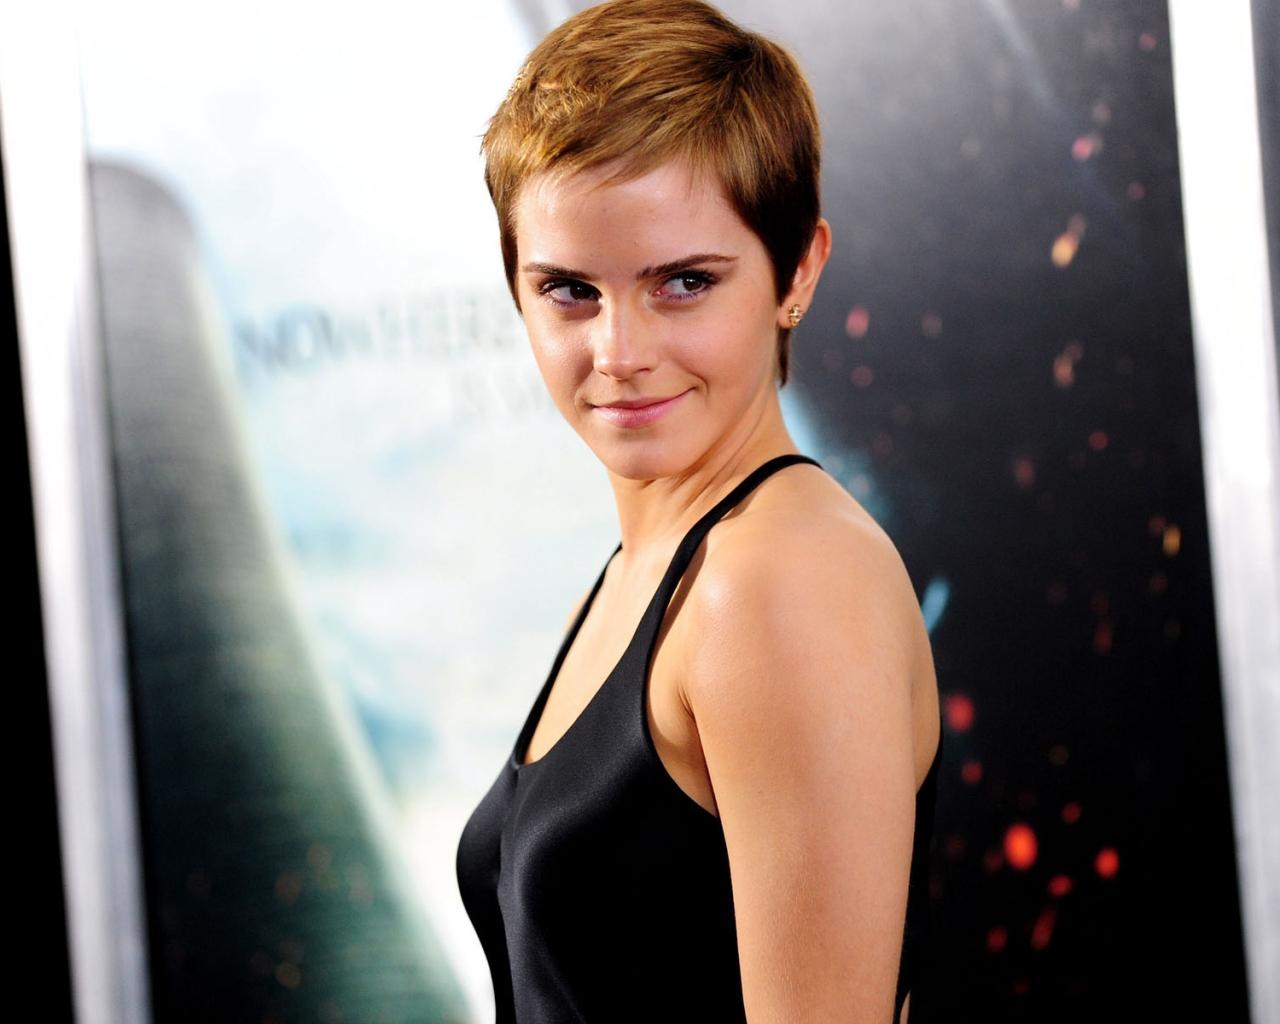 Emma Watson con cabello corto - 1280x1024